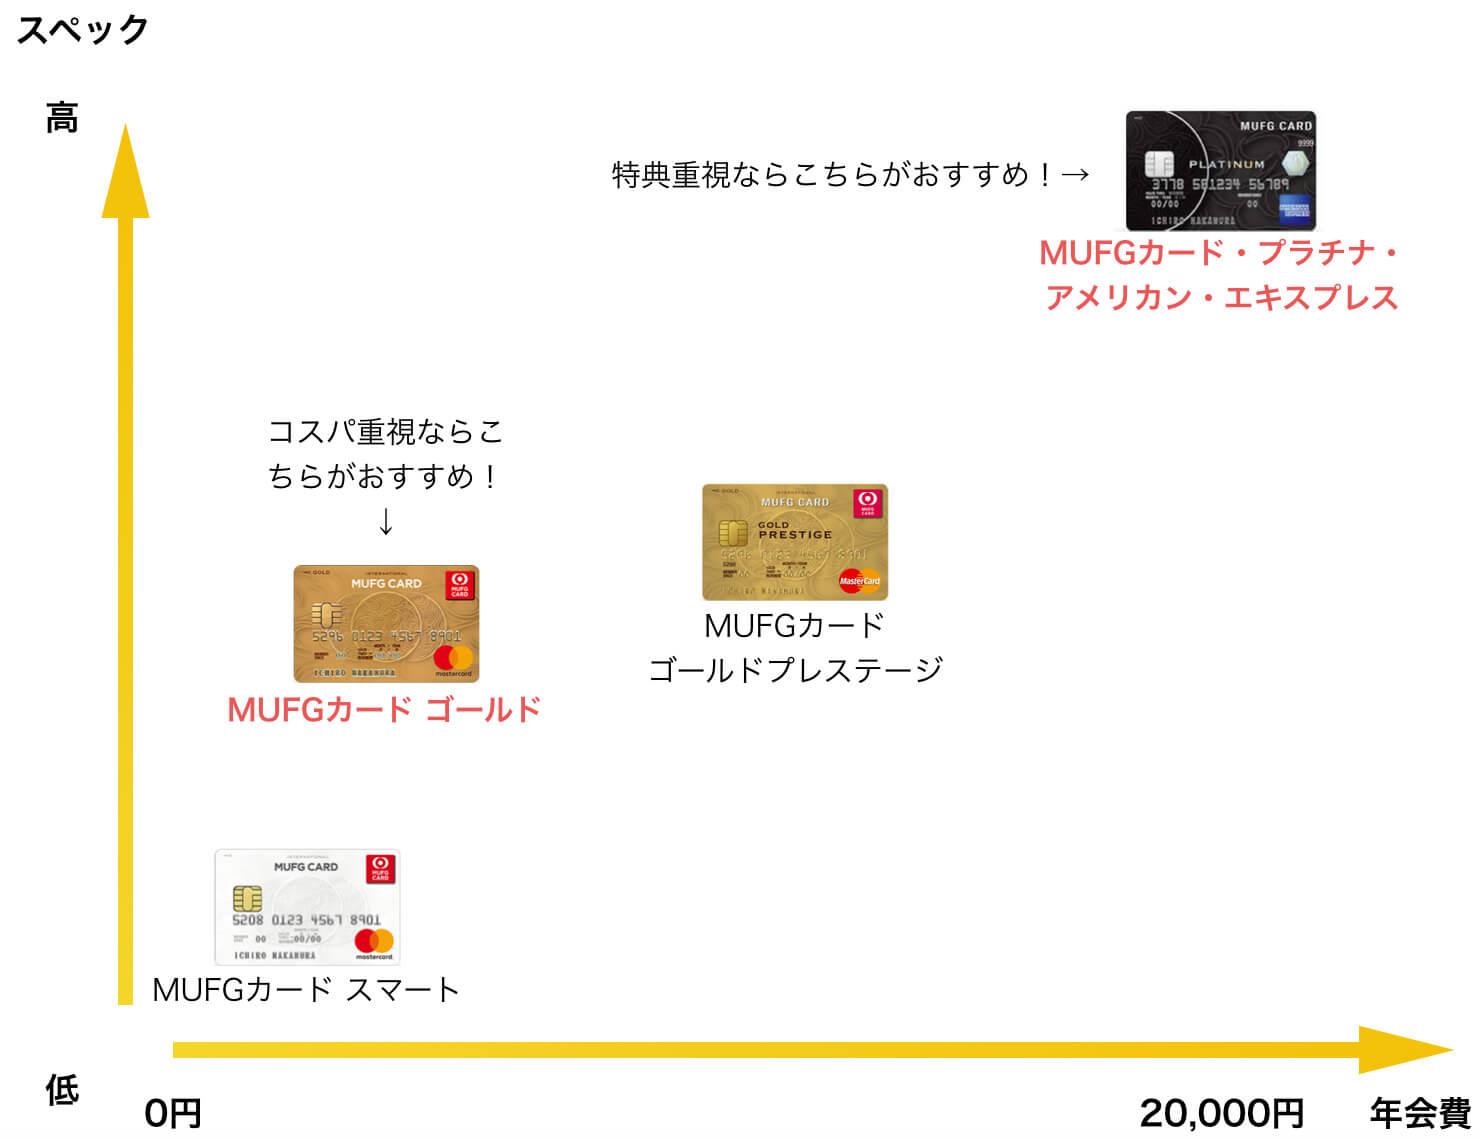 MUFGカードのスペックと年会費比較図